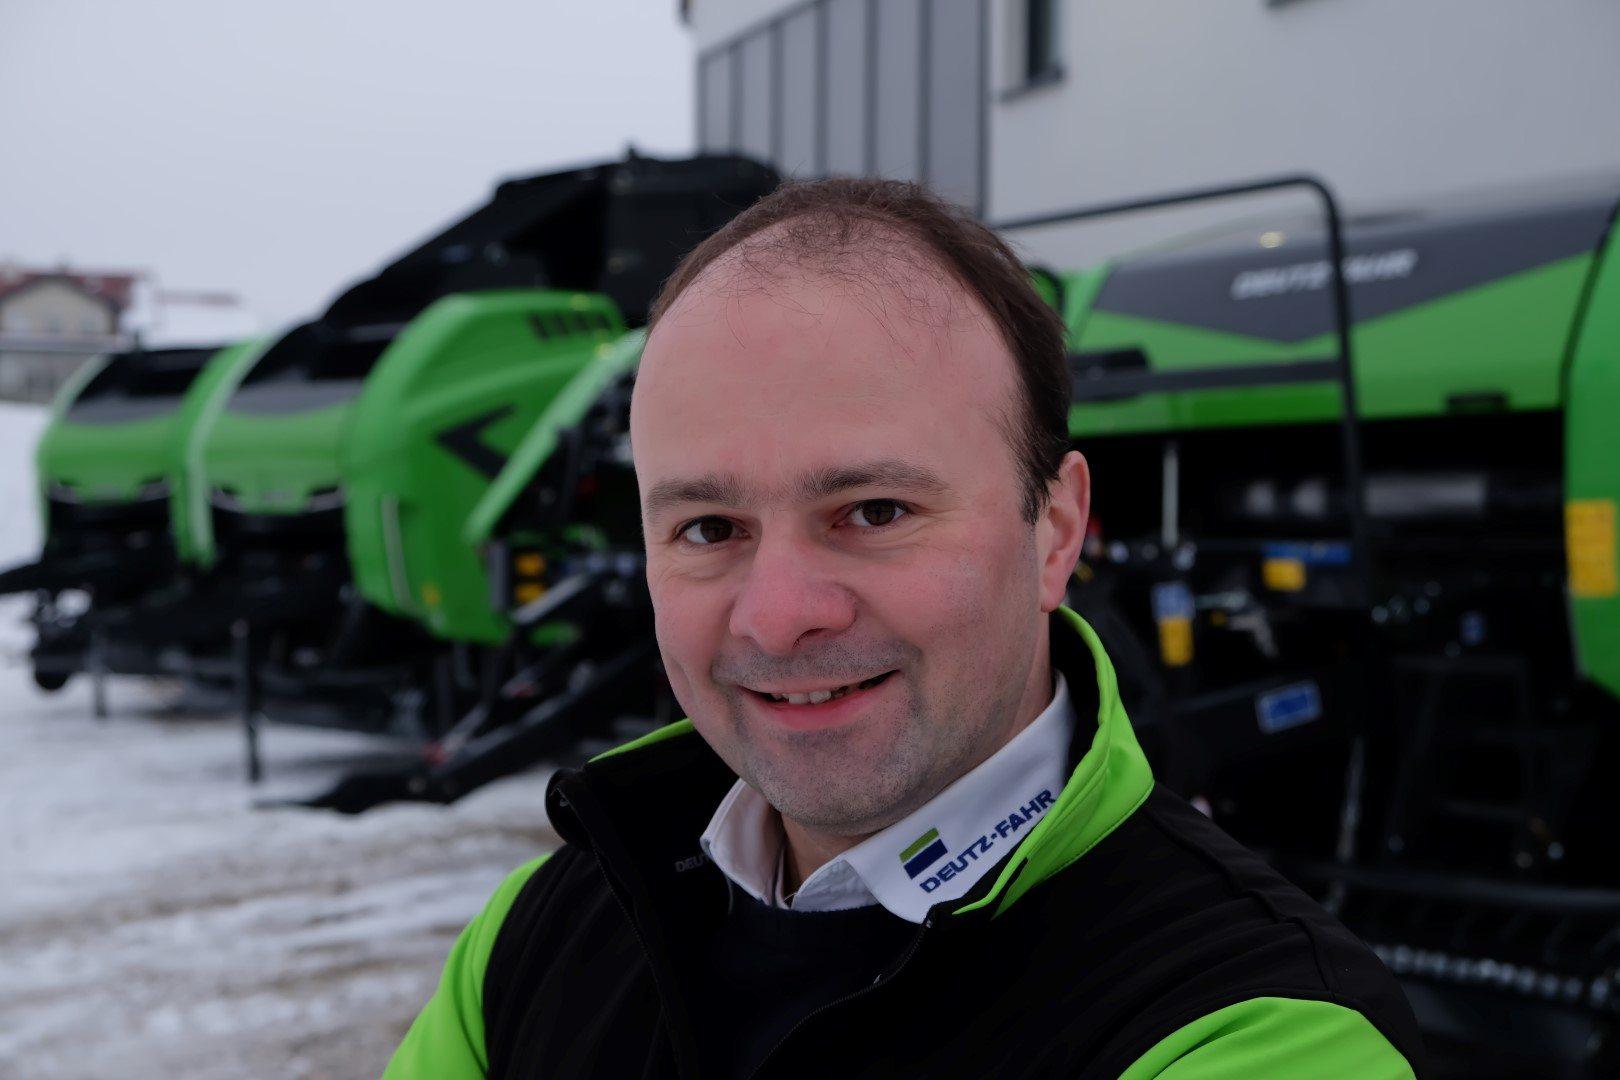 Produktexperte Martin Stögmüller vor einer Auswahl an Deutz-Fahr Pressen